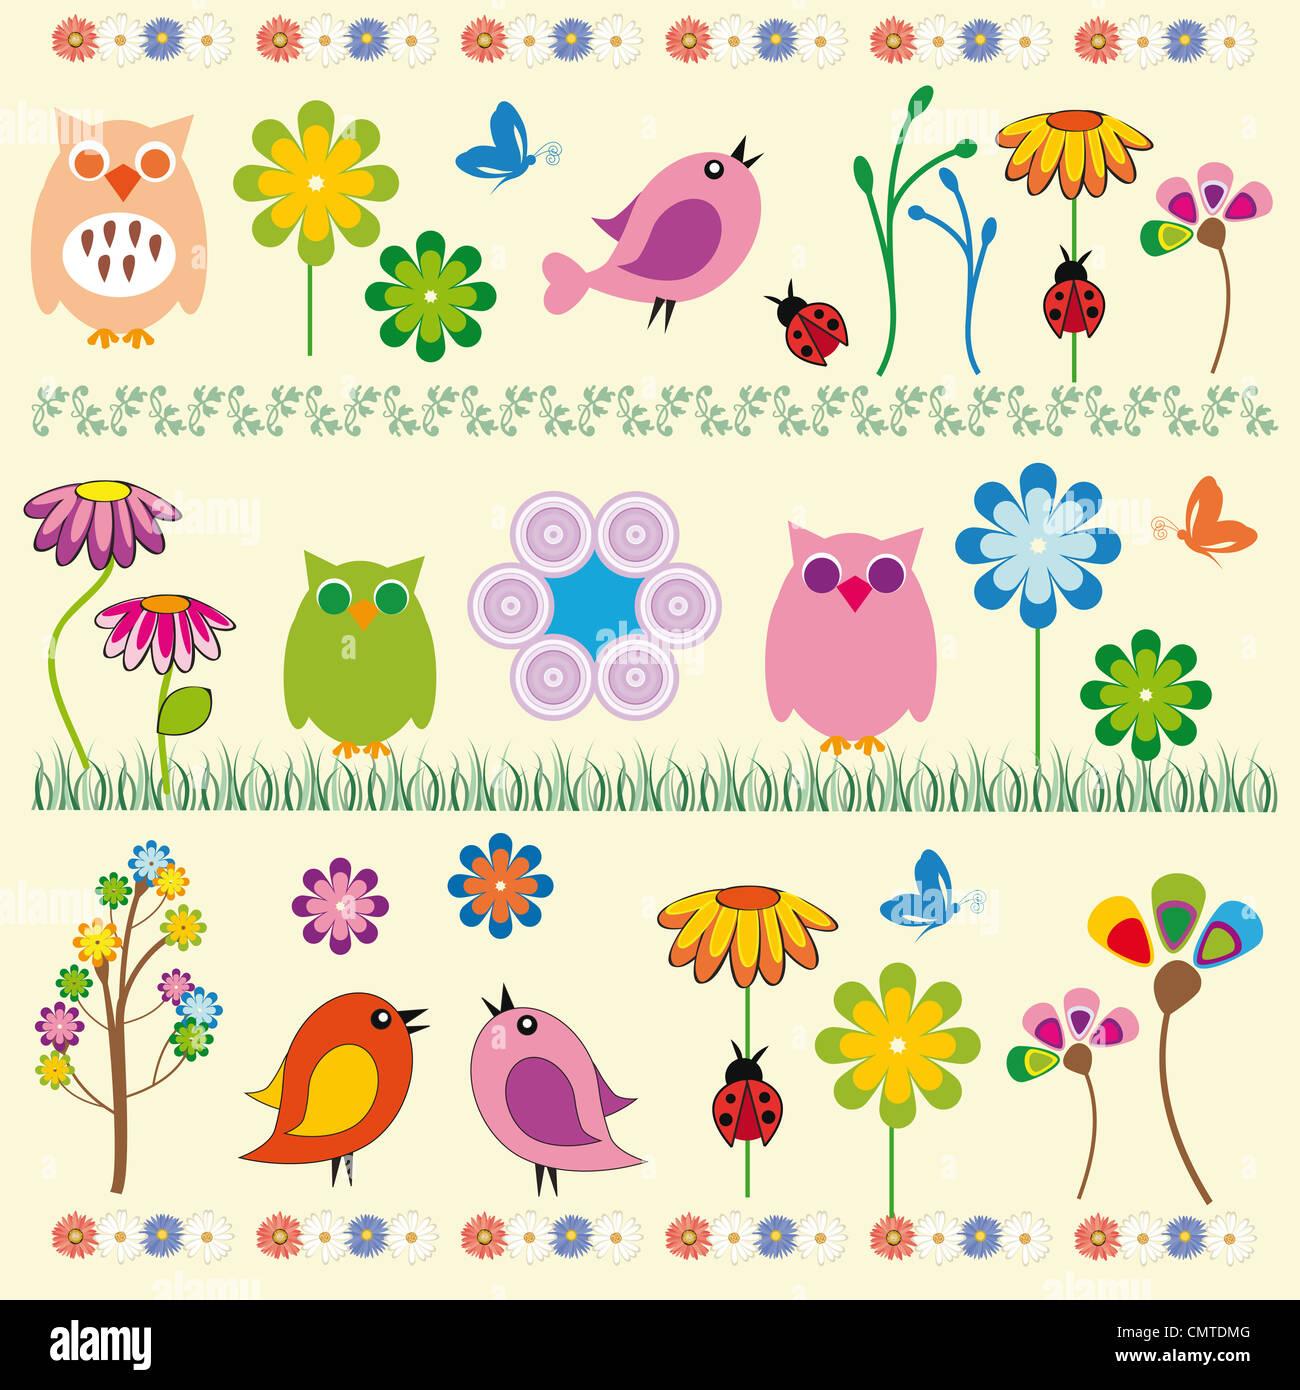 Cute kids fondo con flores y aves Imagen De Stock